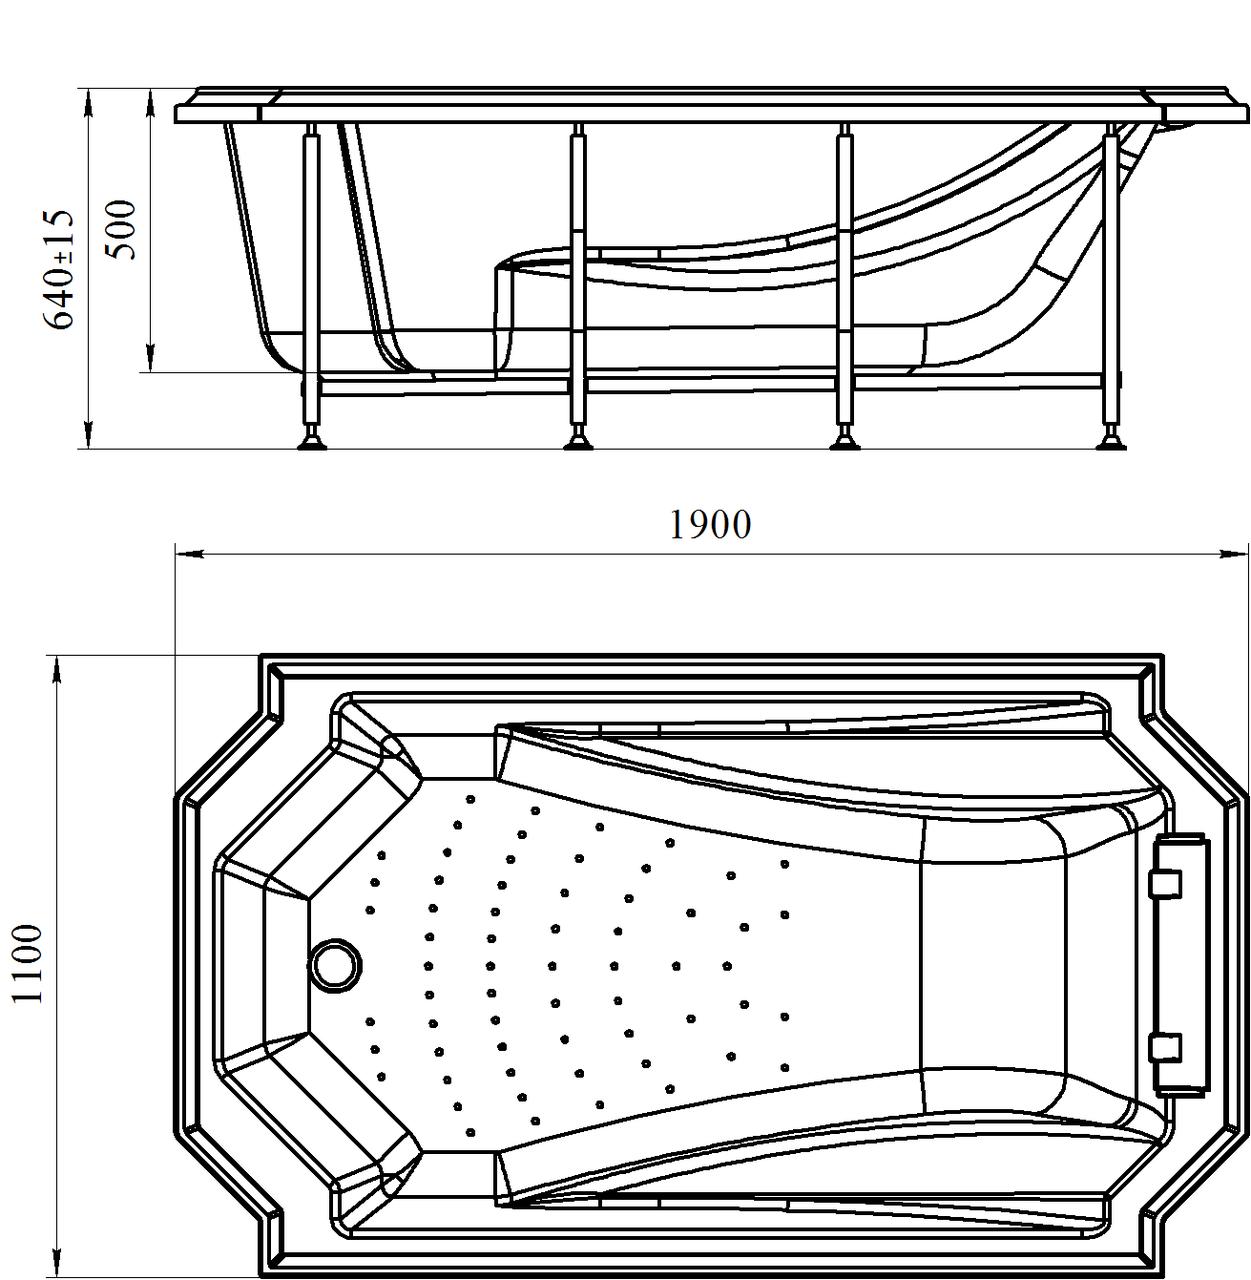 Фото 9688: Акриловая ванна без системы гидромассажа Радомир (Fra Grande) Эстелона с панелью